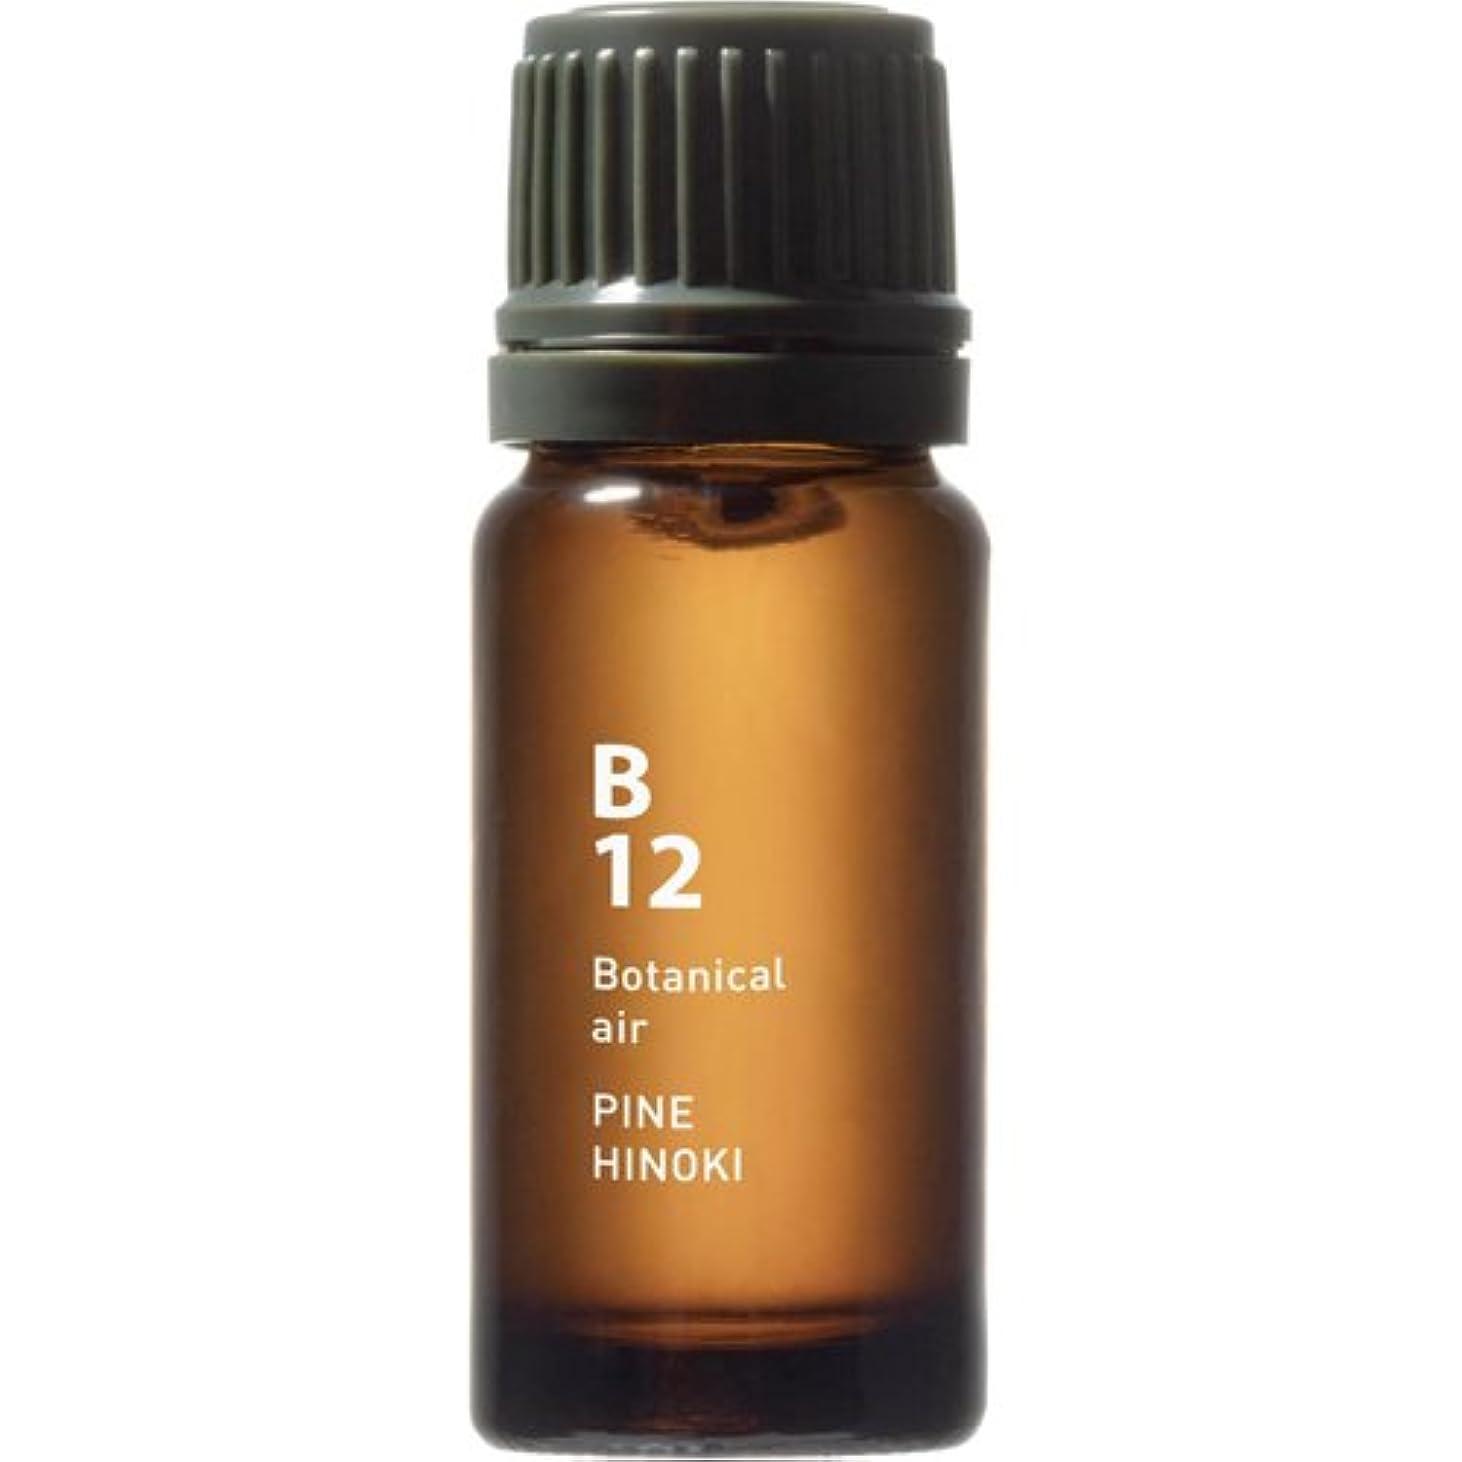 薄いハードリング条約B12 パインヒノキ Botanical air(ボタニカルエアー) 10ml